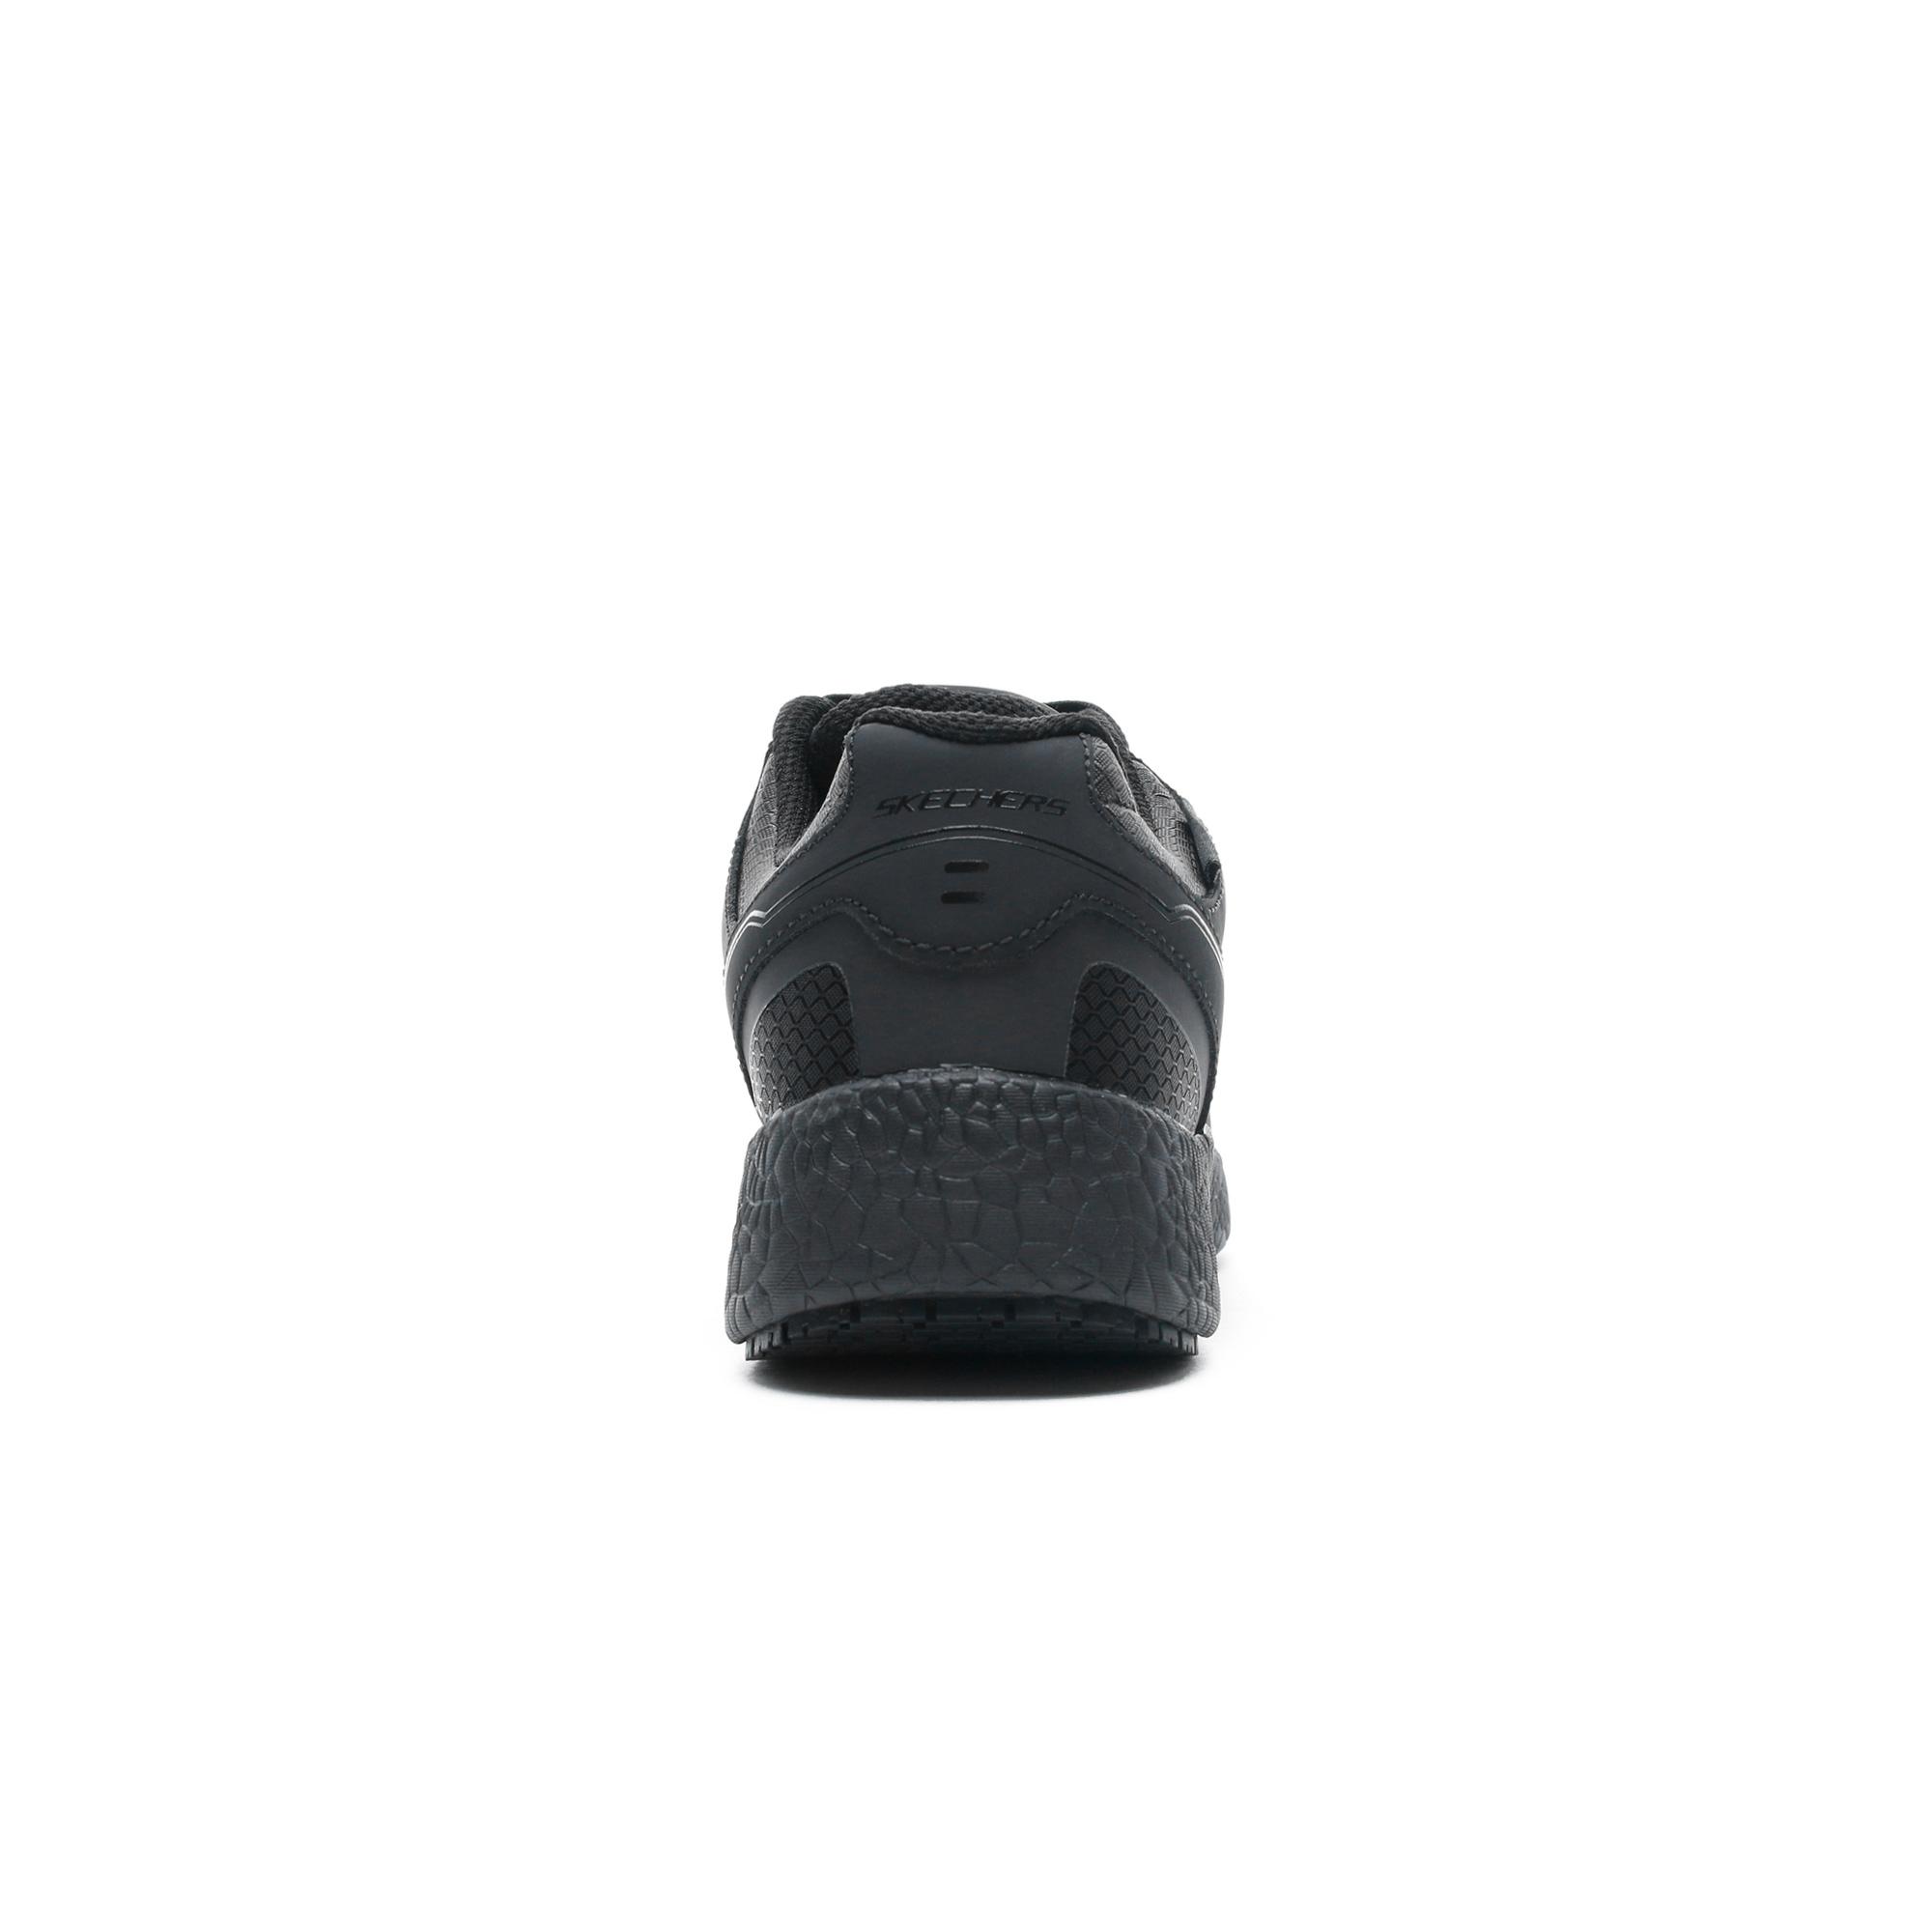 Skechers Burst Kadın Siyah Spor Ayakkabı